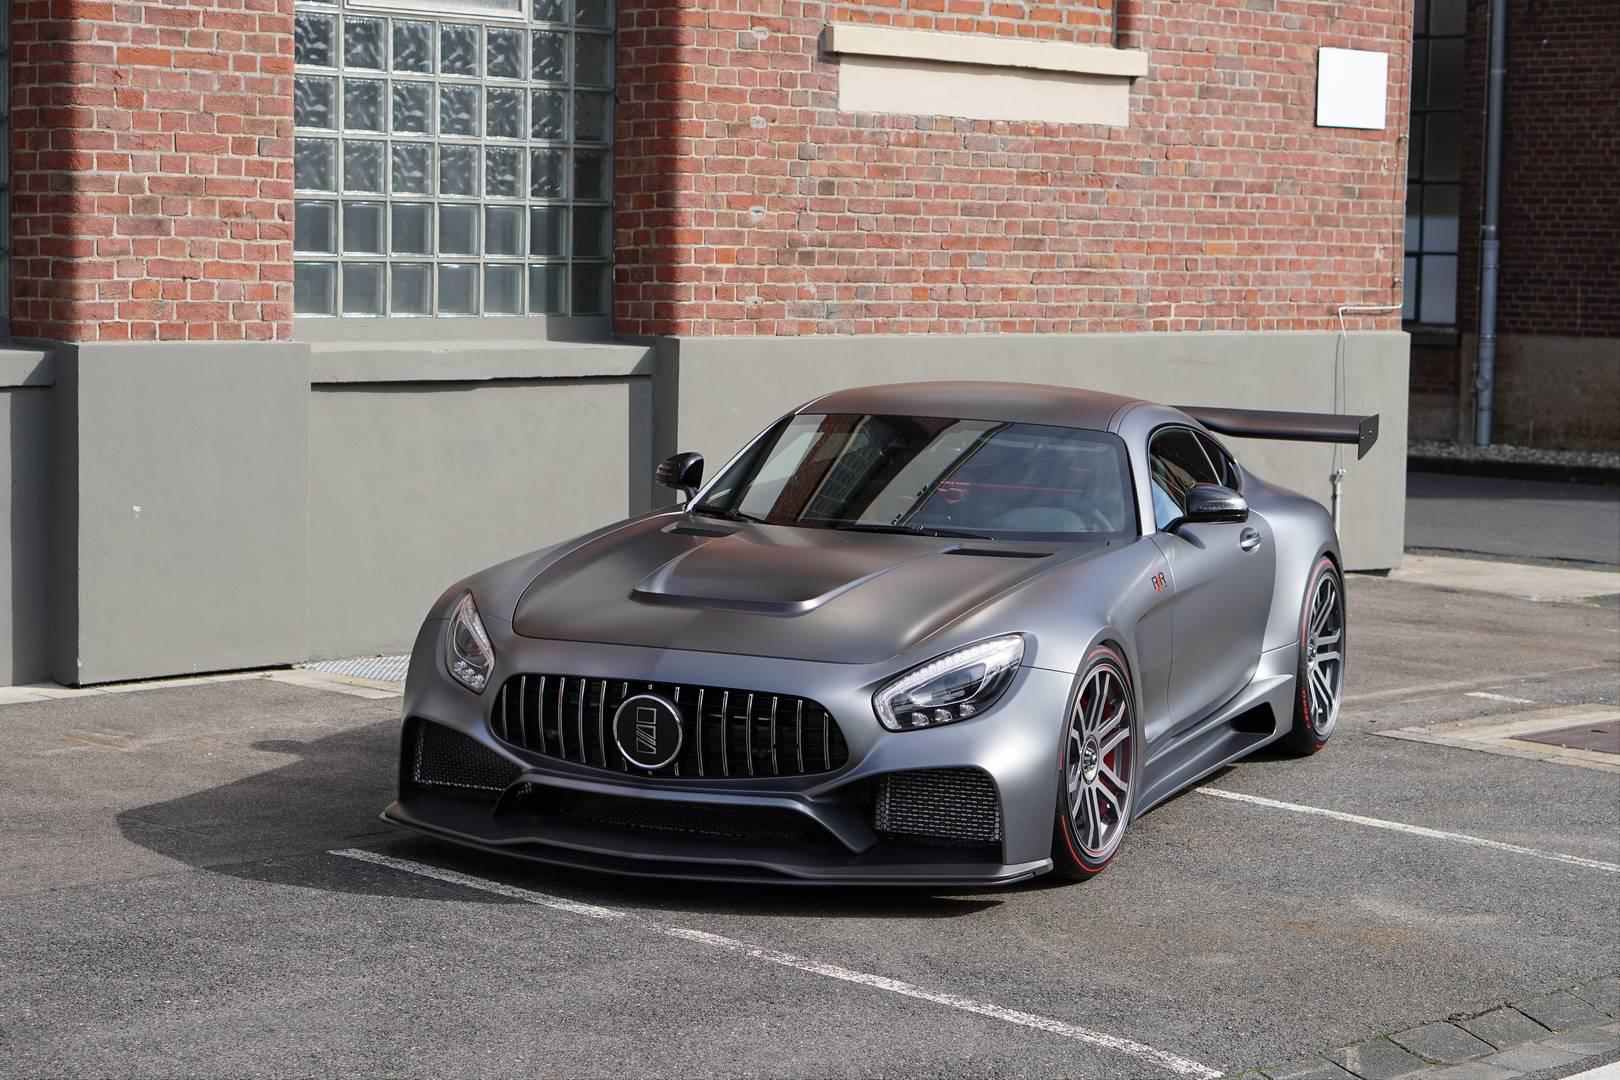 GT. Теперь проект официально объявлен и называется он IMSA RXR One. Он основан на Mercedes-AMG GTS. Номенклатура RXR, по-видимому, означает Road X-tra Racing. Он будет доступен как пакет с ограниченным тиражом с каждым автомобилем, адаптированным по